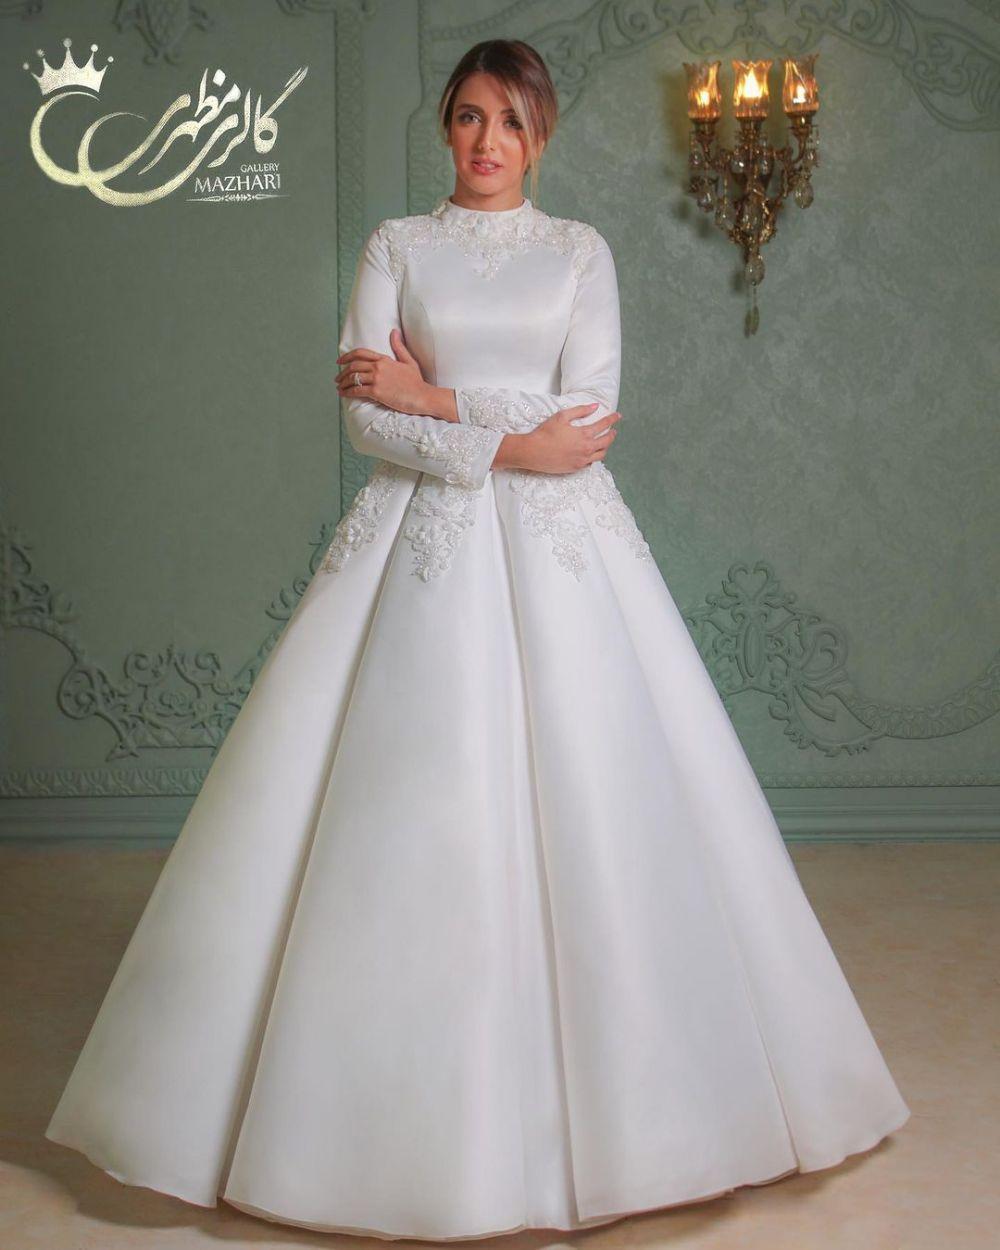 مزون لباس عروس مظهری